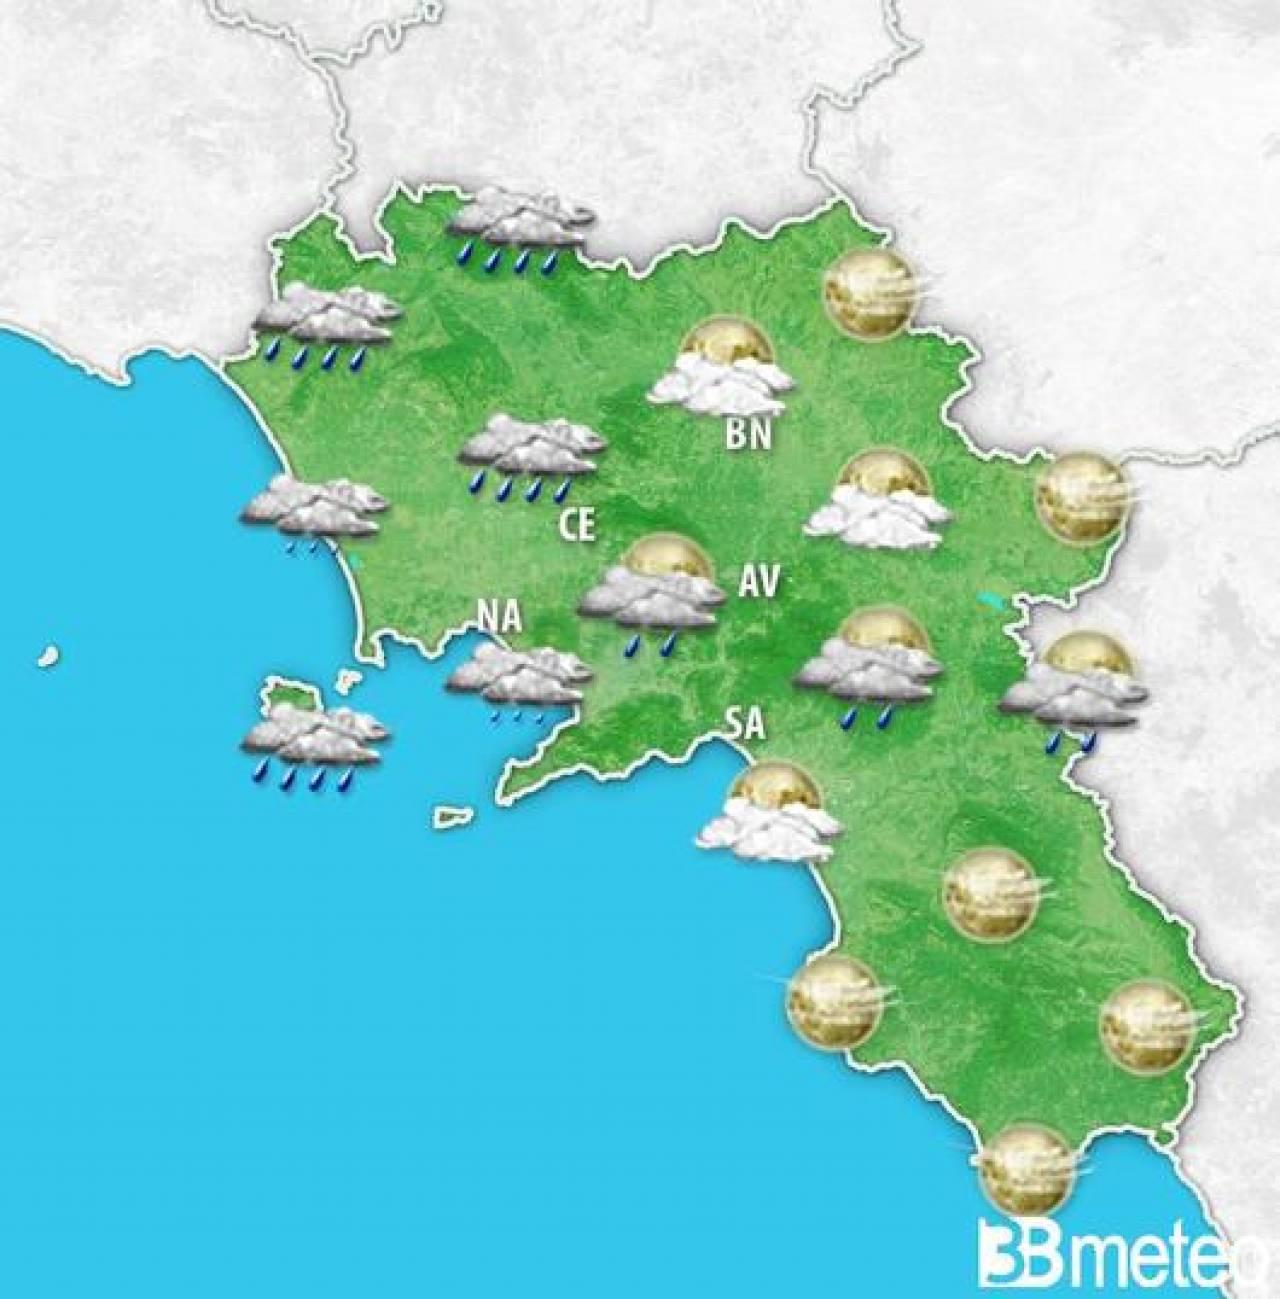 Meteo Campania: debole peggioramento del tempo nella serata di martedì 11 maggio